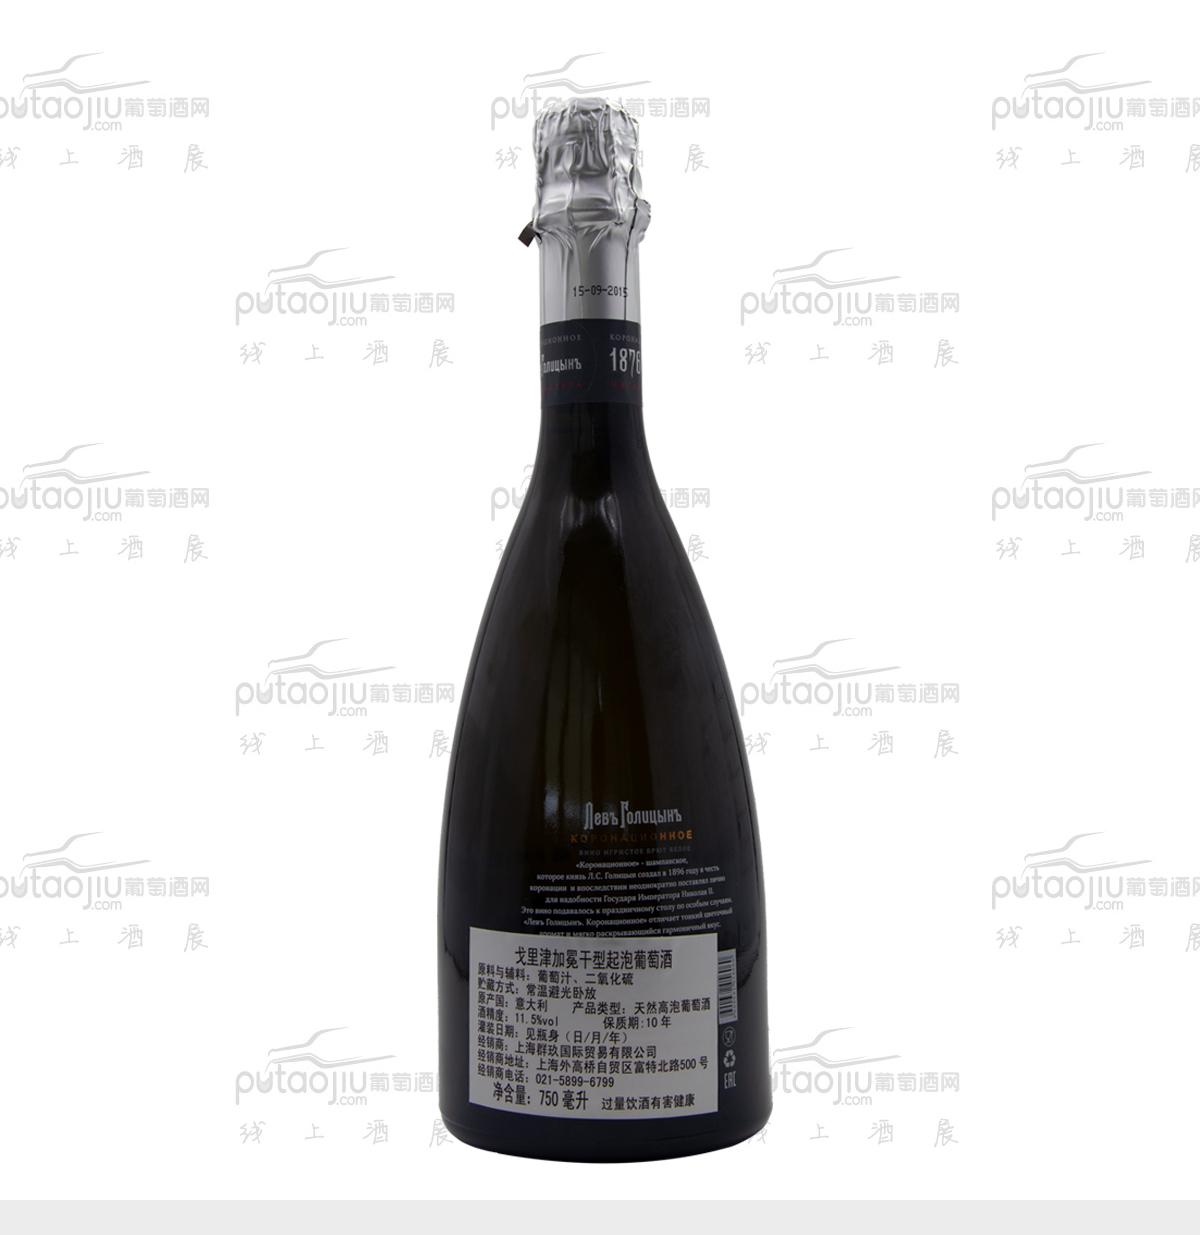 戈里津加冕干型起泡葡萄酒